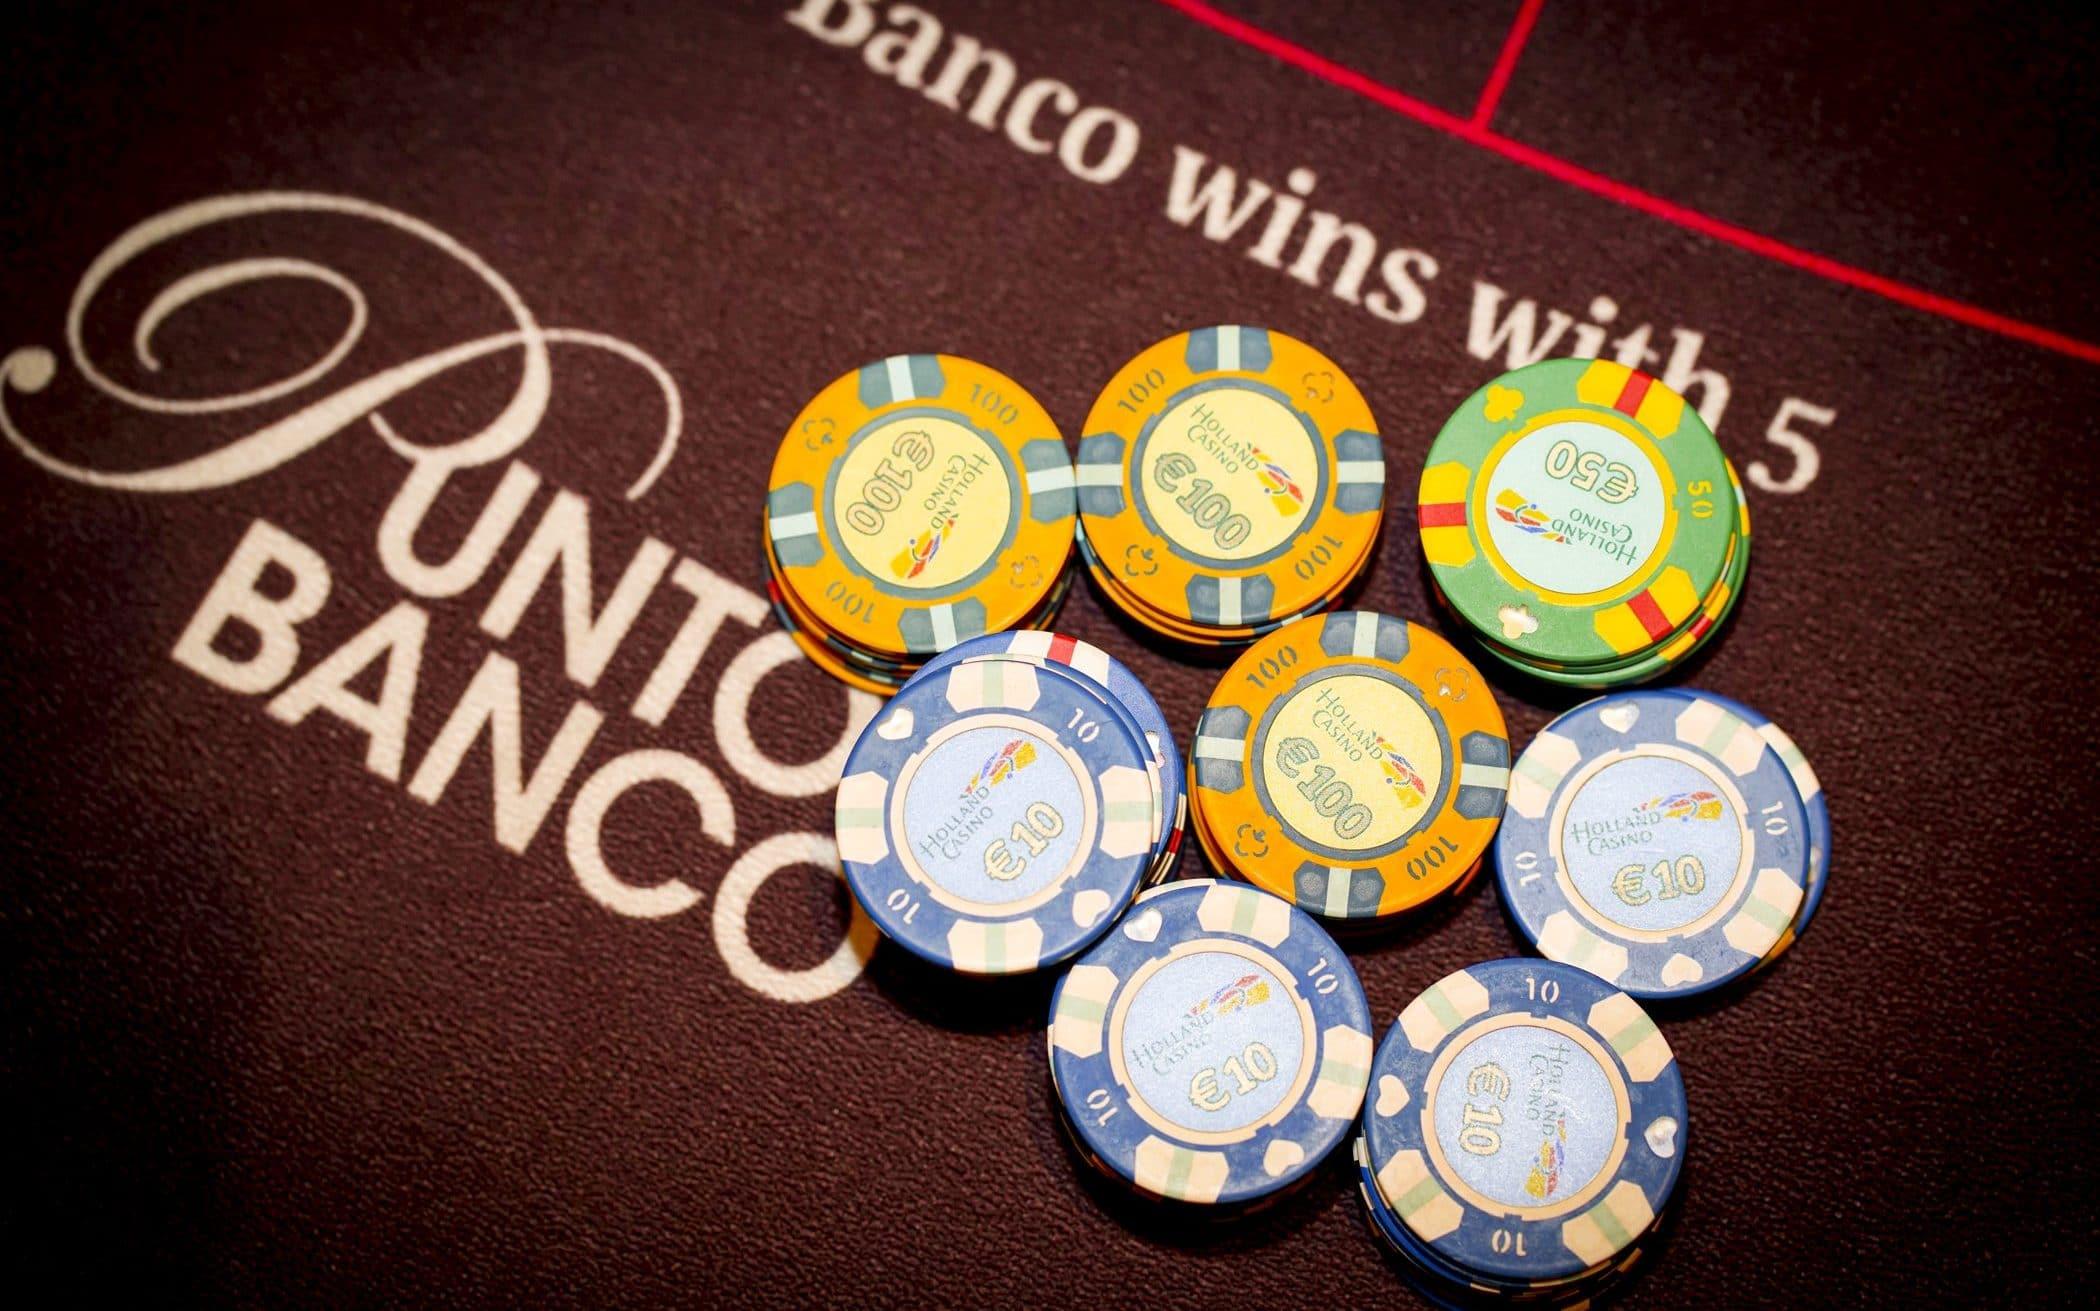 Holland Casino punto banco baccarat logo met chips